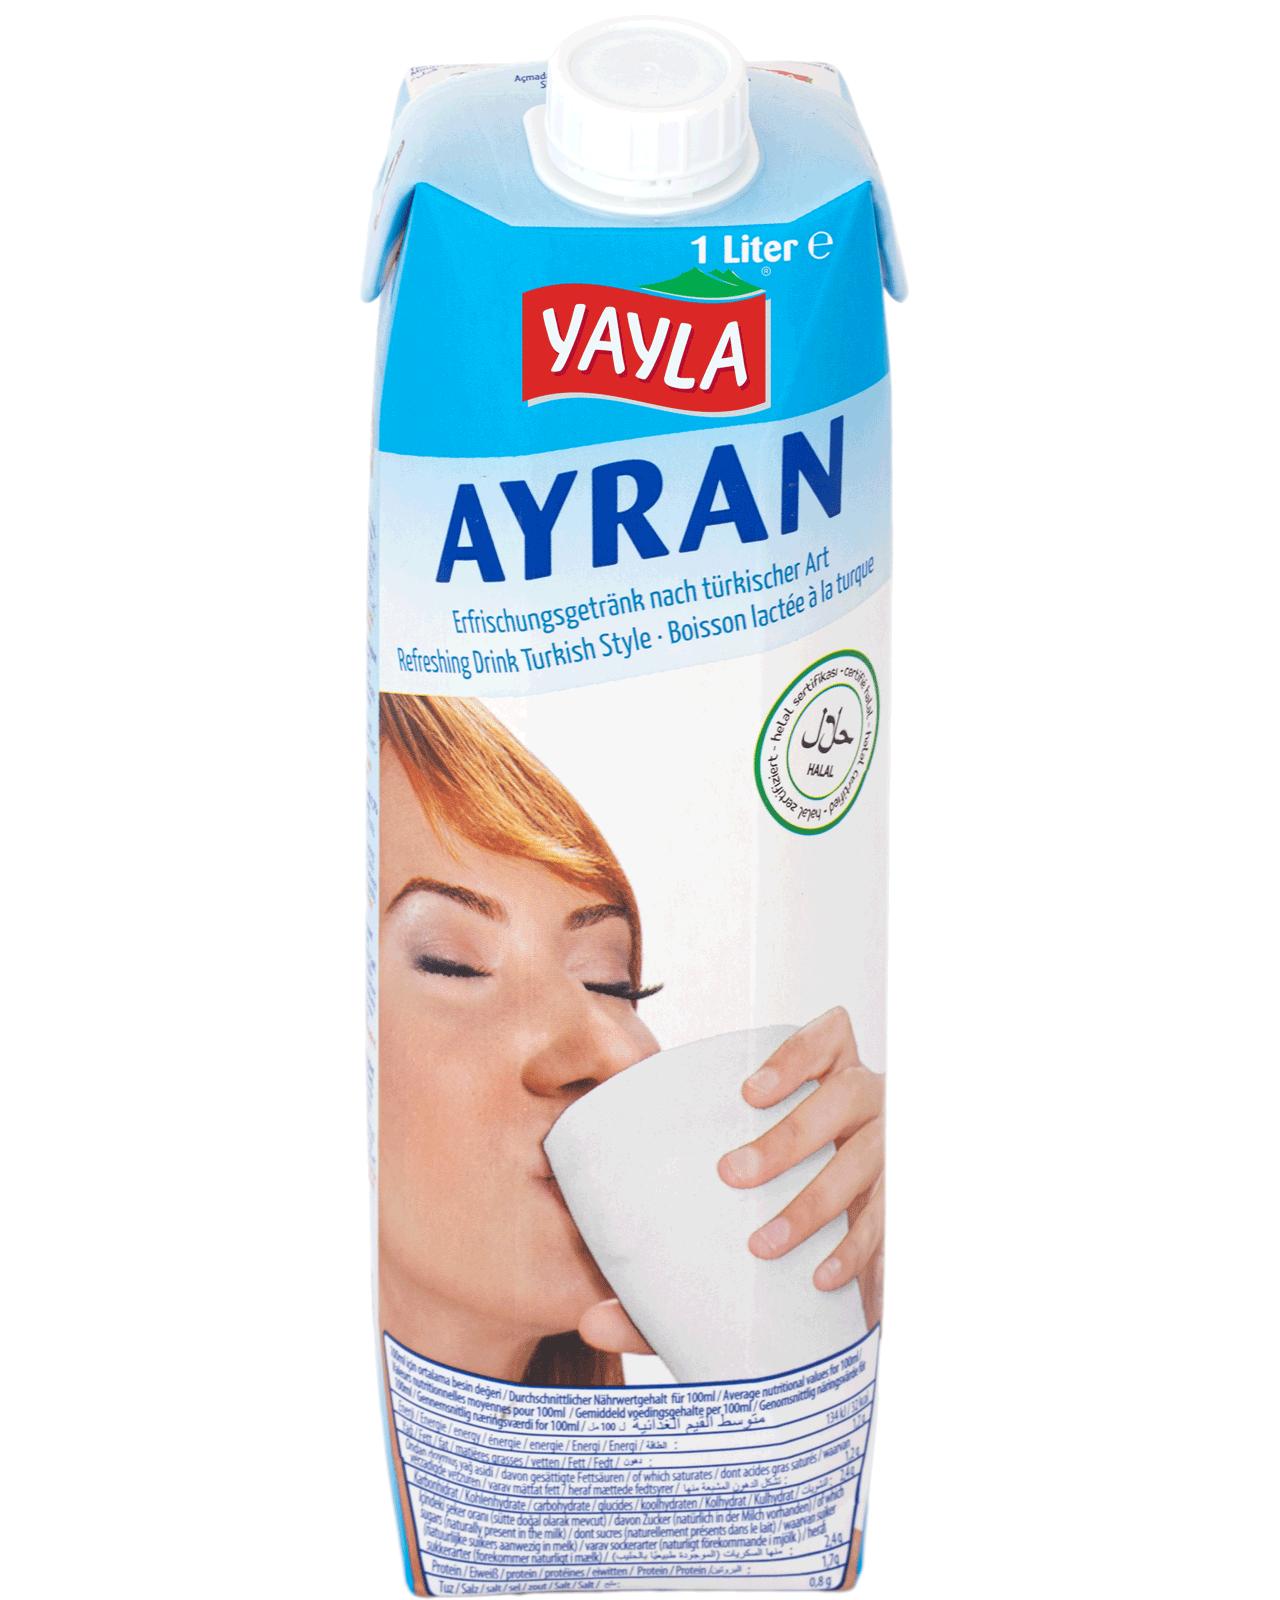 Ayran-karnemelk 1L